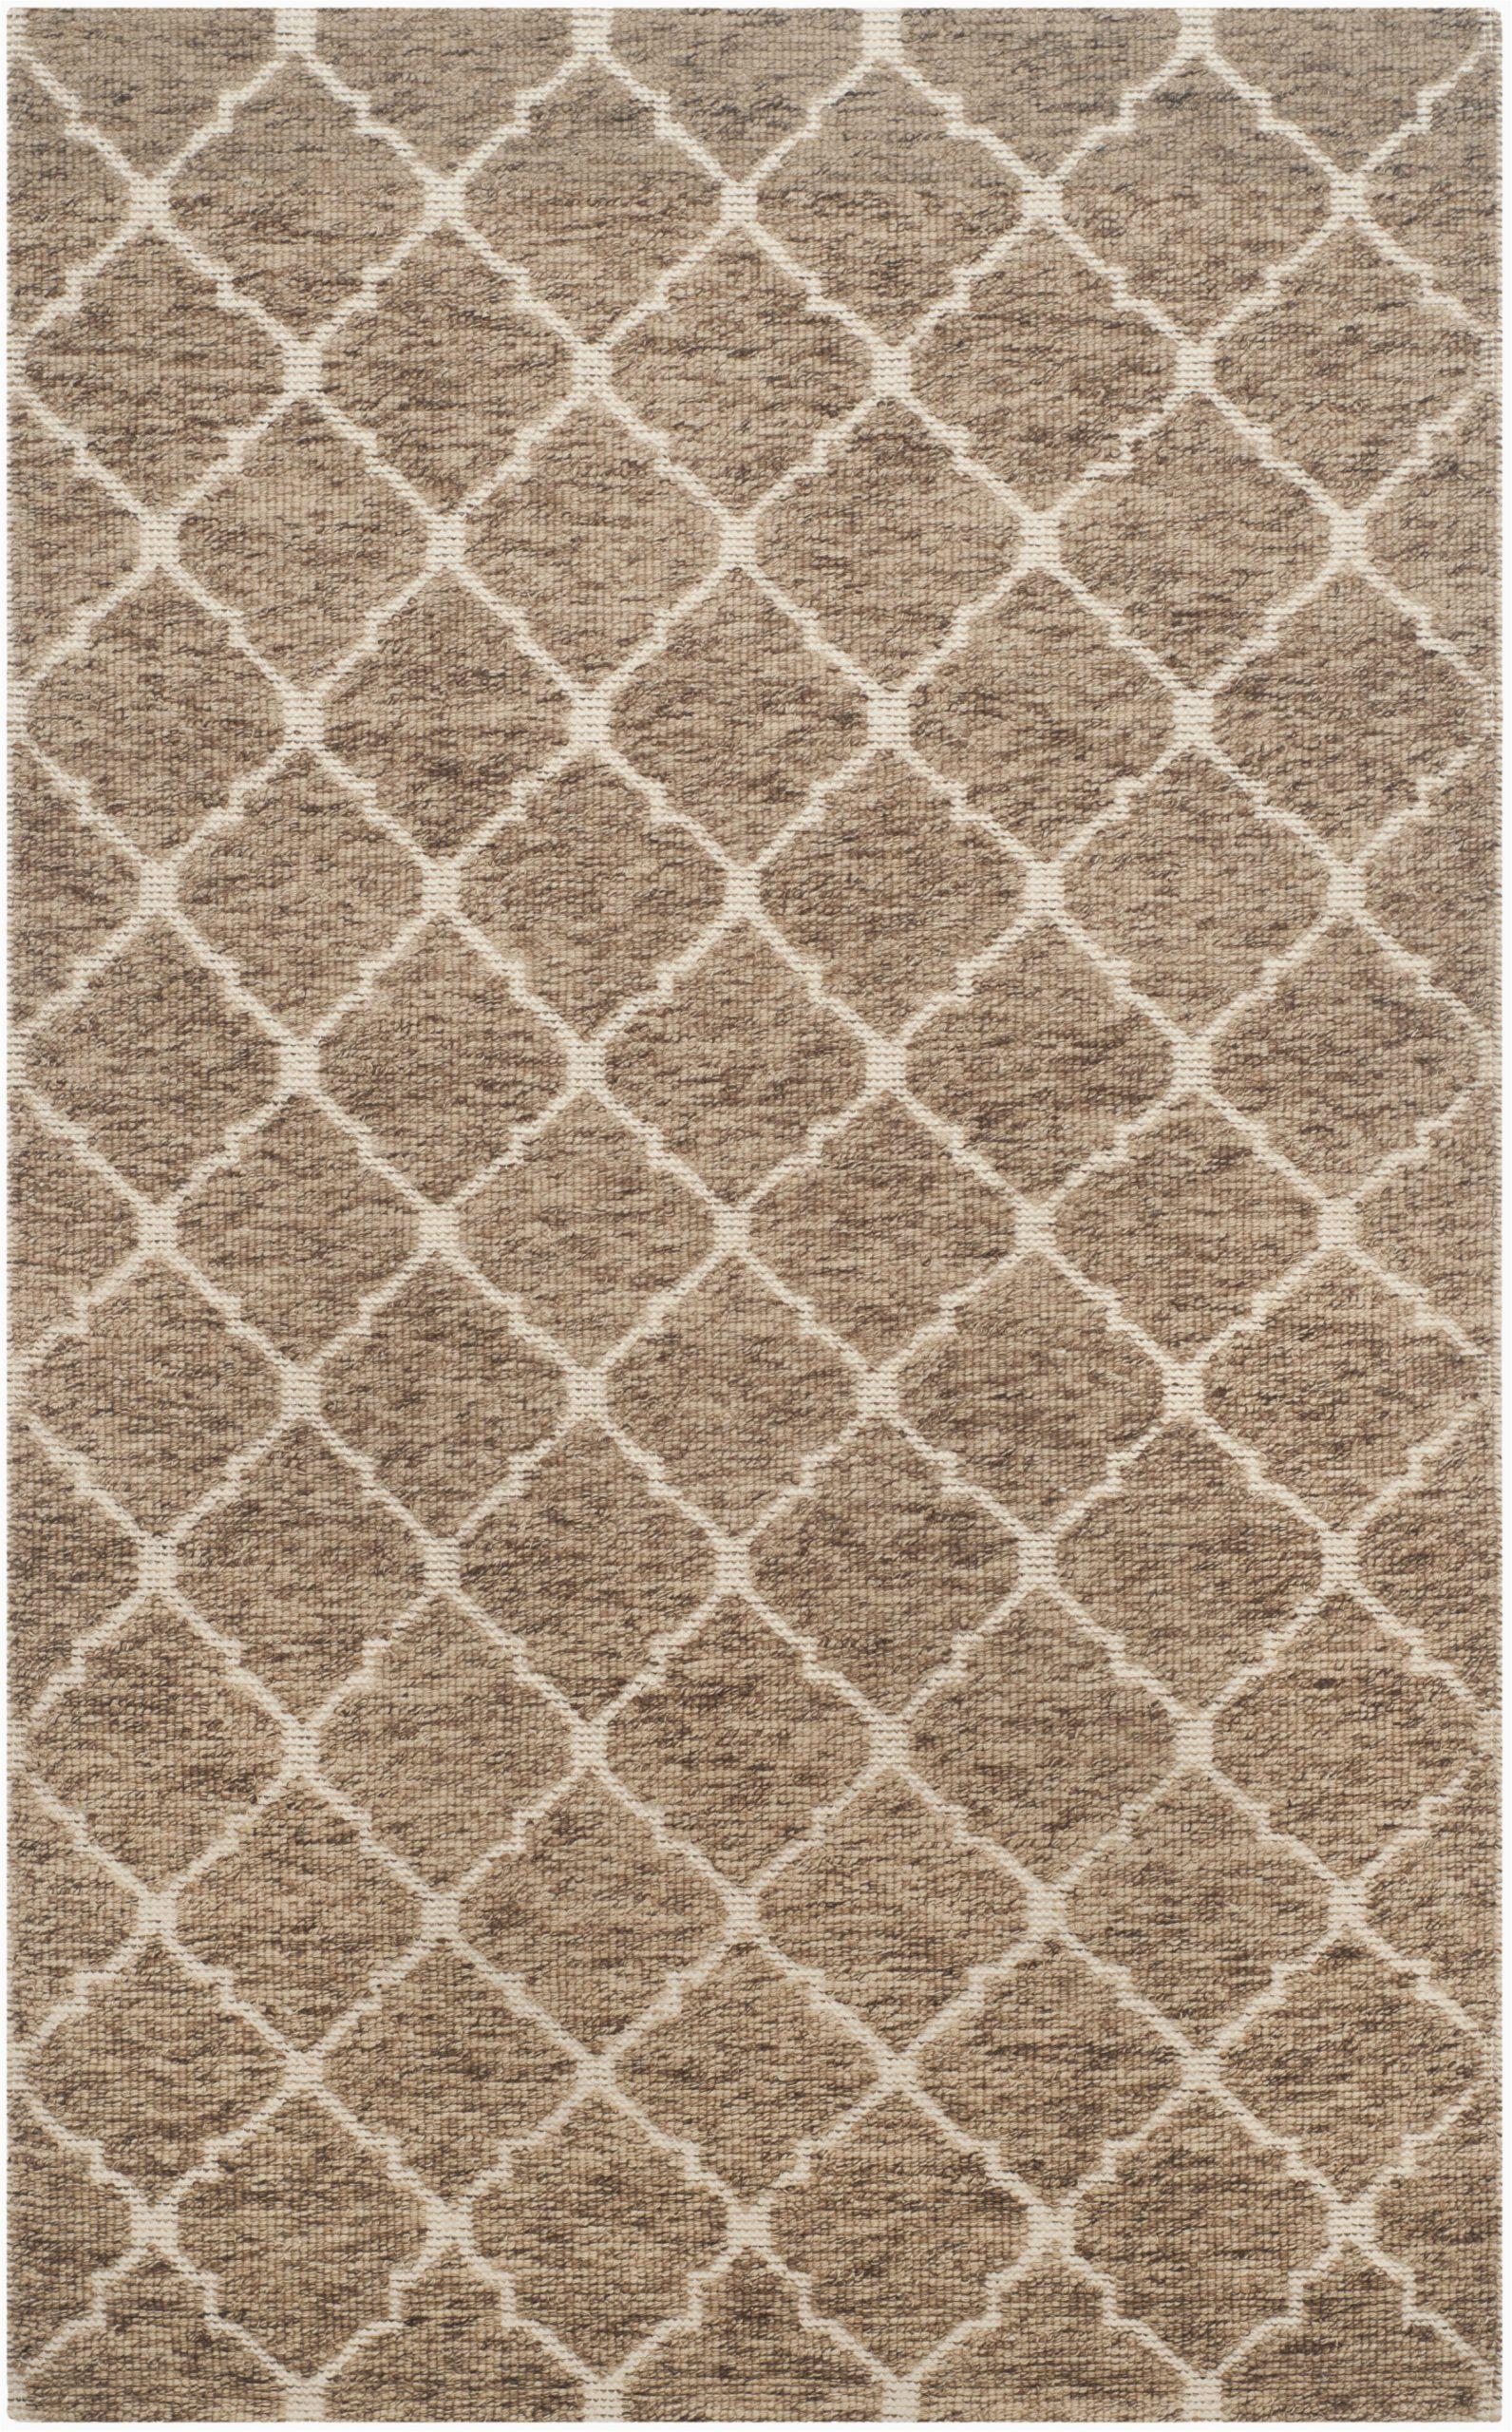 vermont handwoven wool beigeivory area rug msr1734 piid=